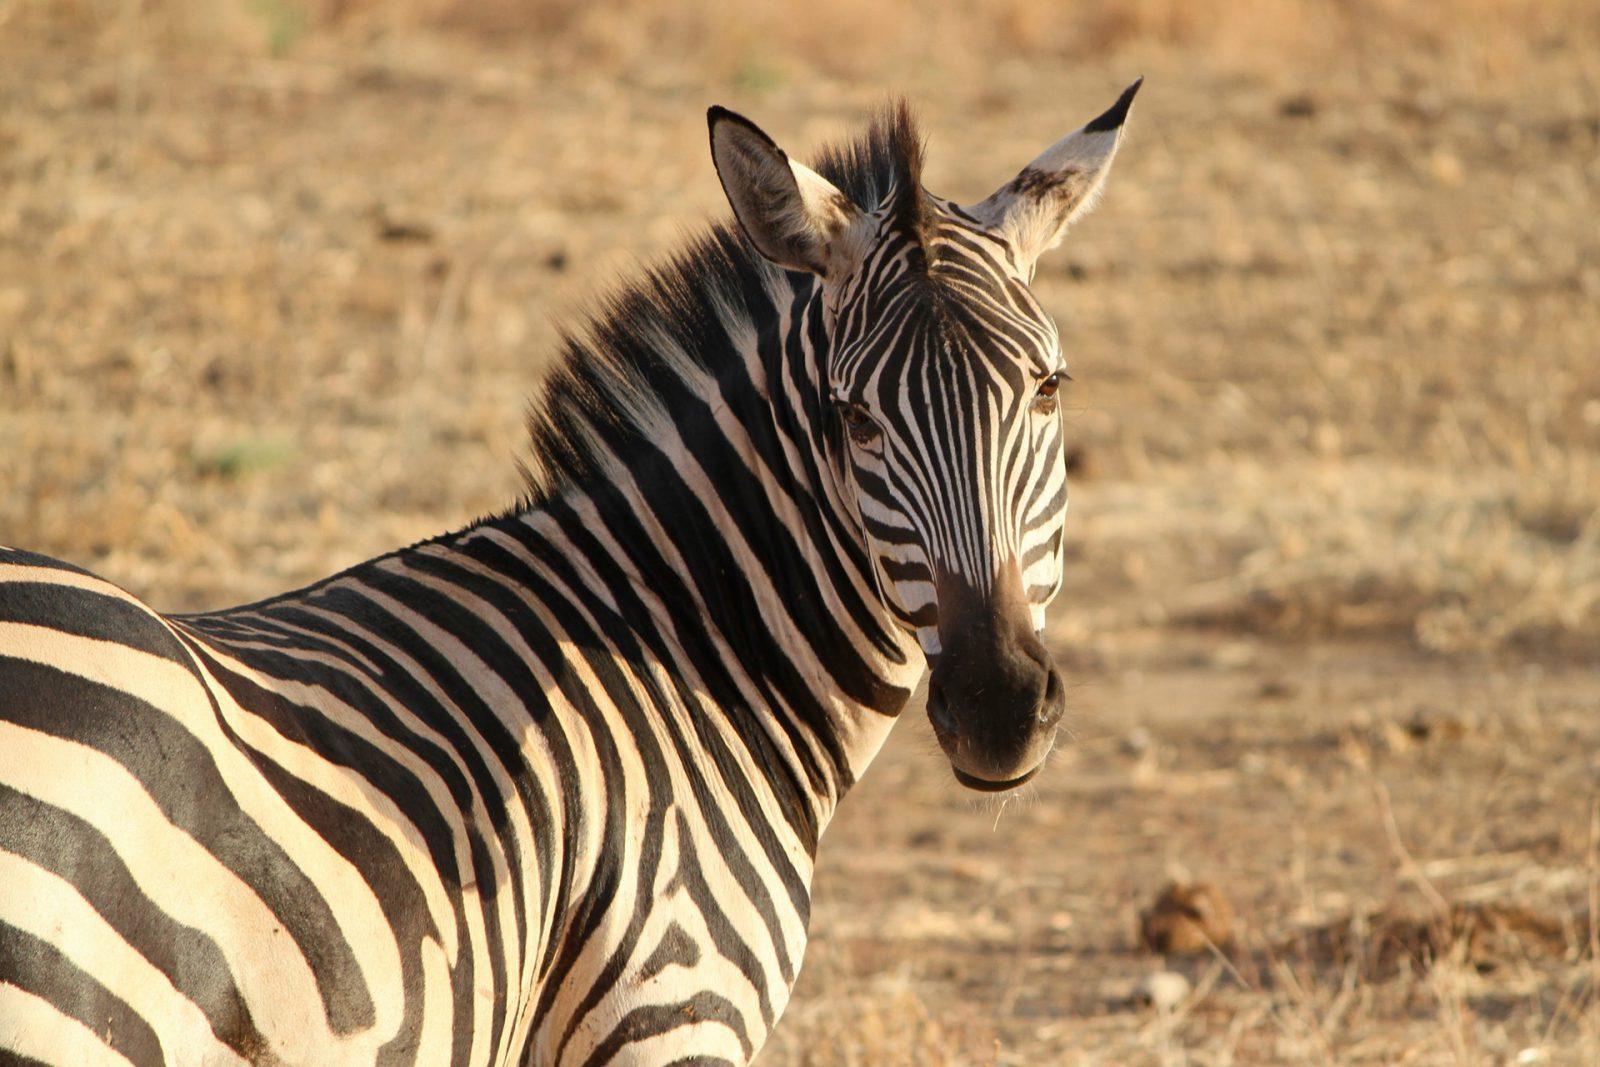 São muitas espécies de zebra que existem.